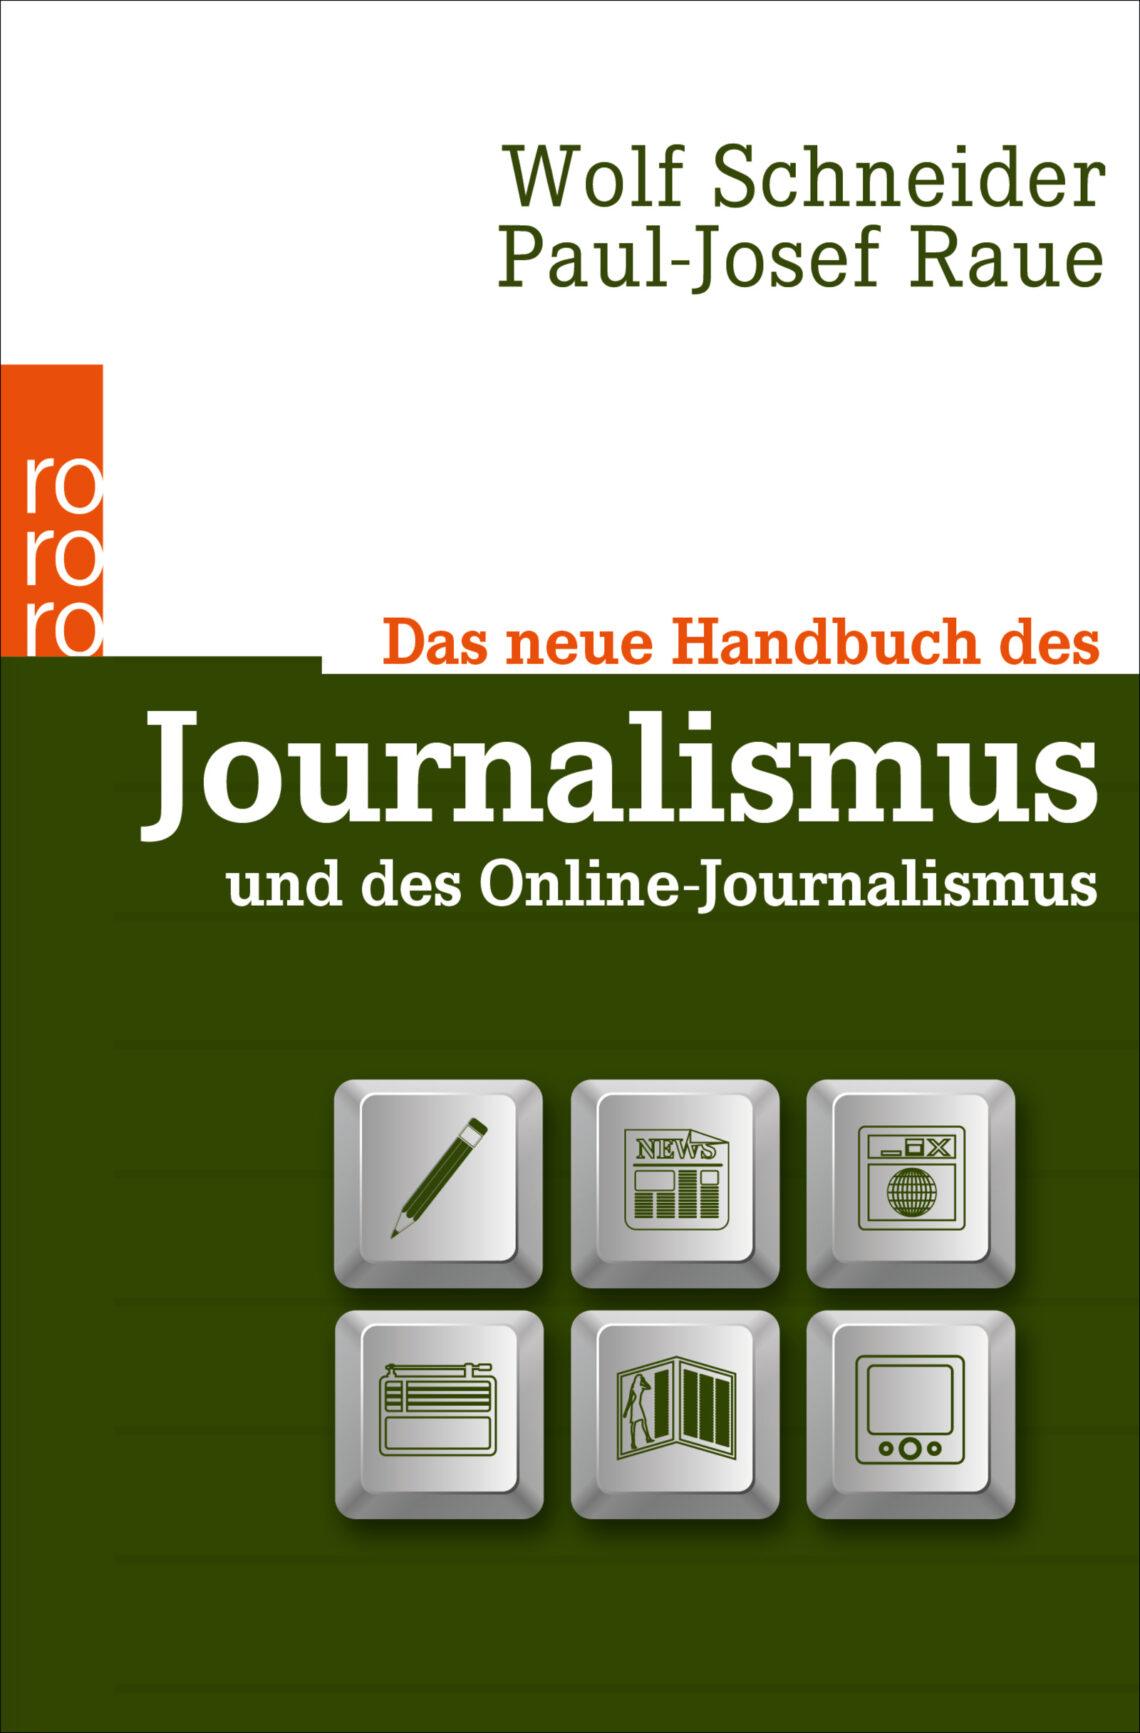 Das neue Handbuch des Journalismus und des Online Journalismus